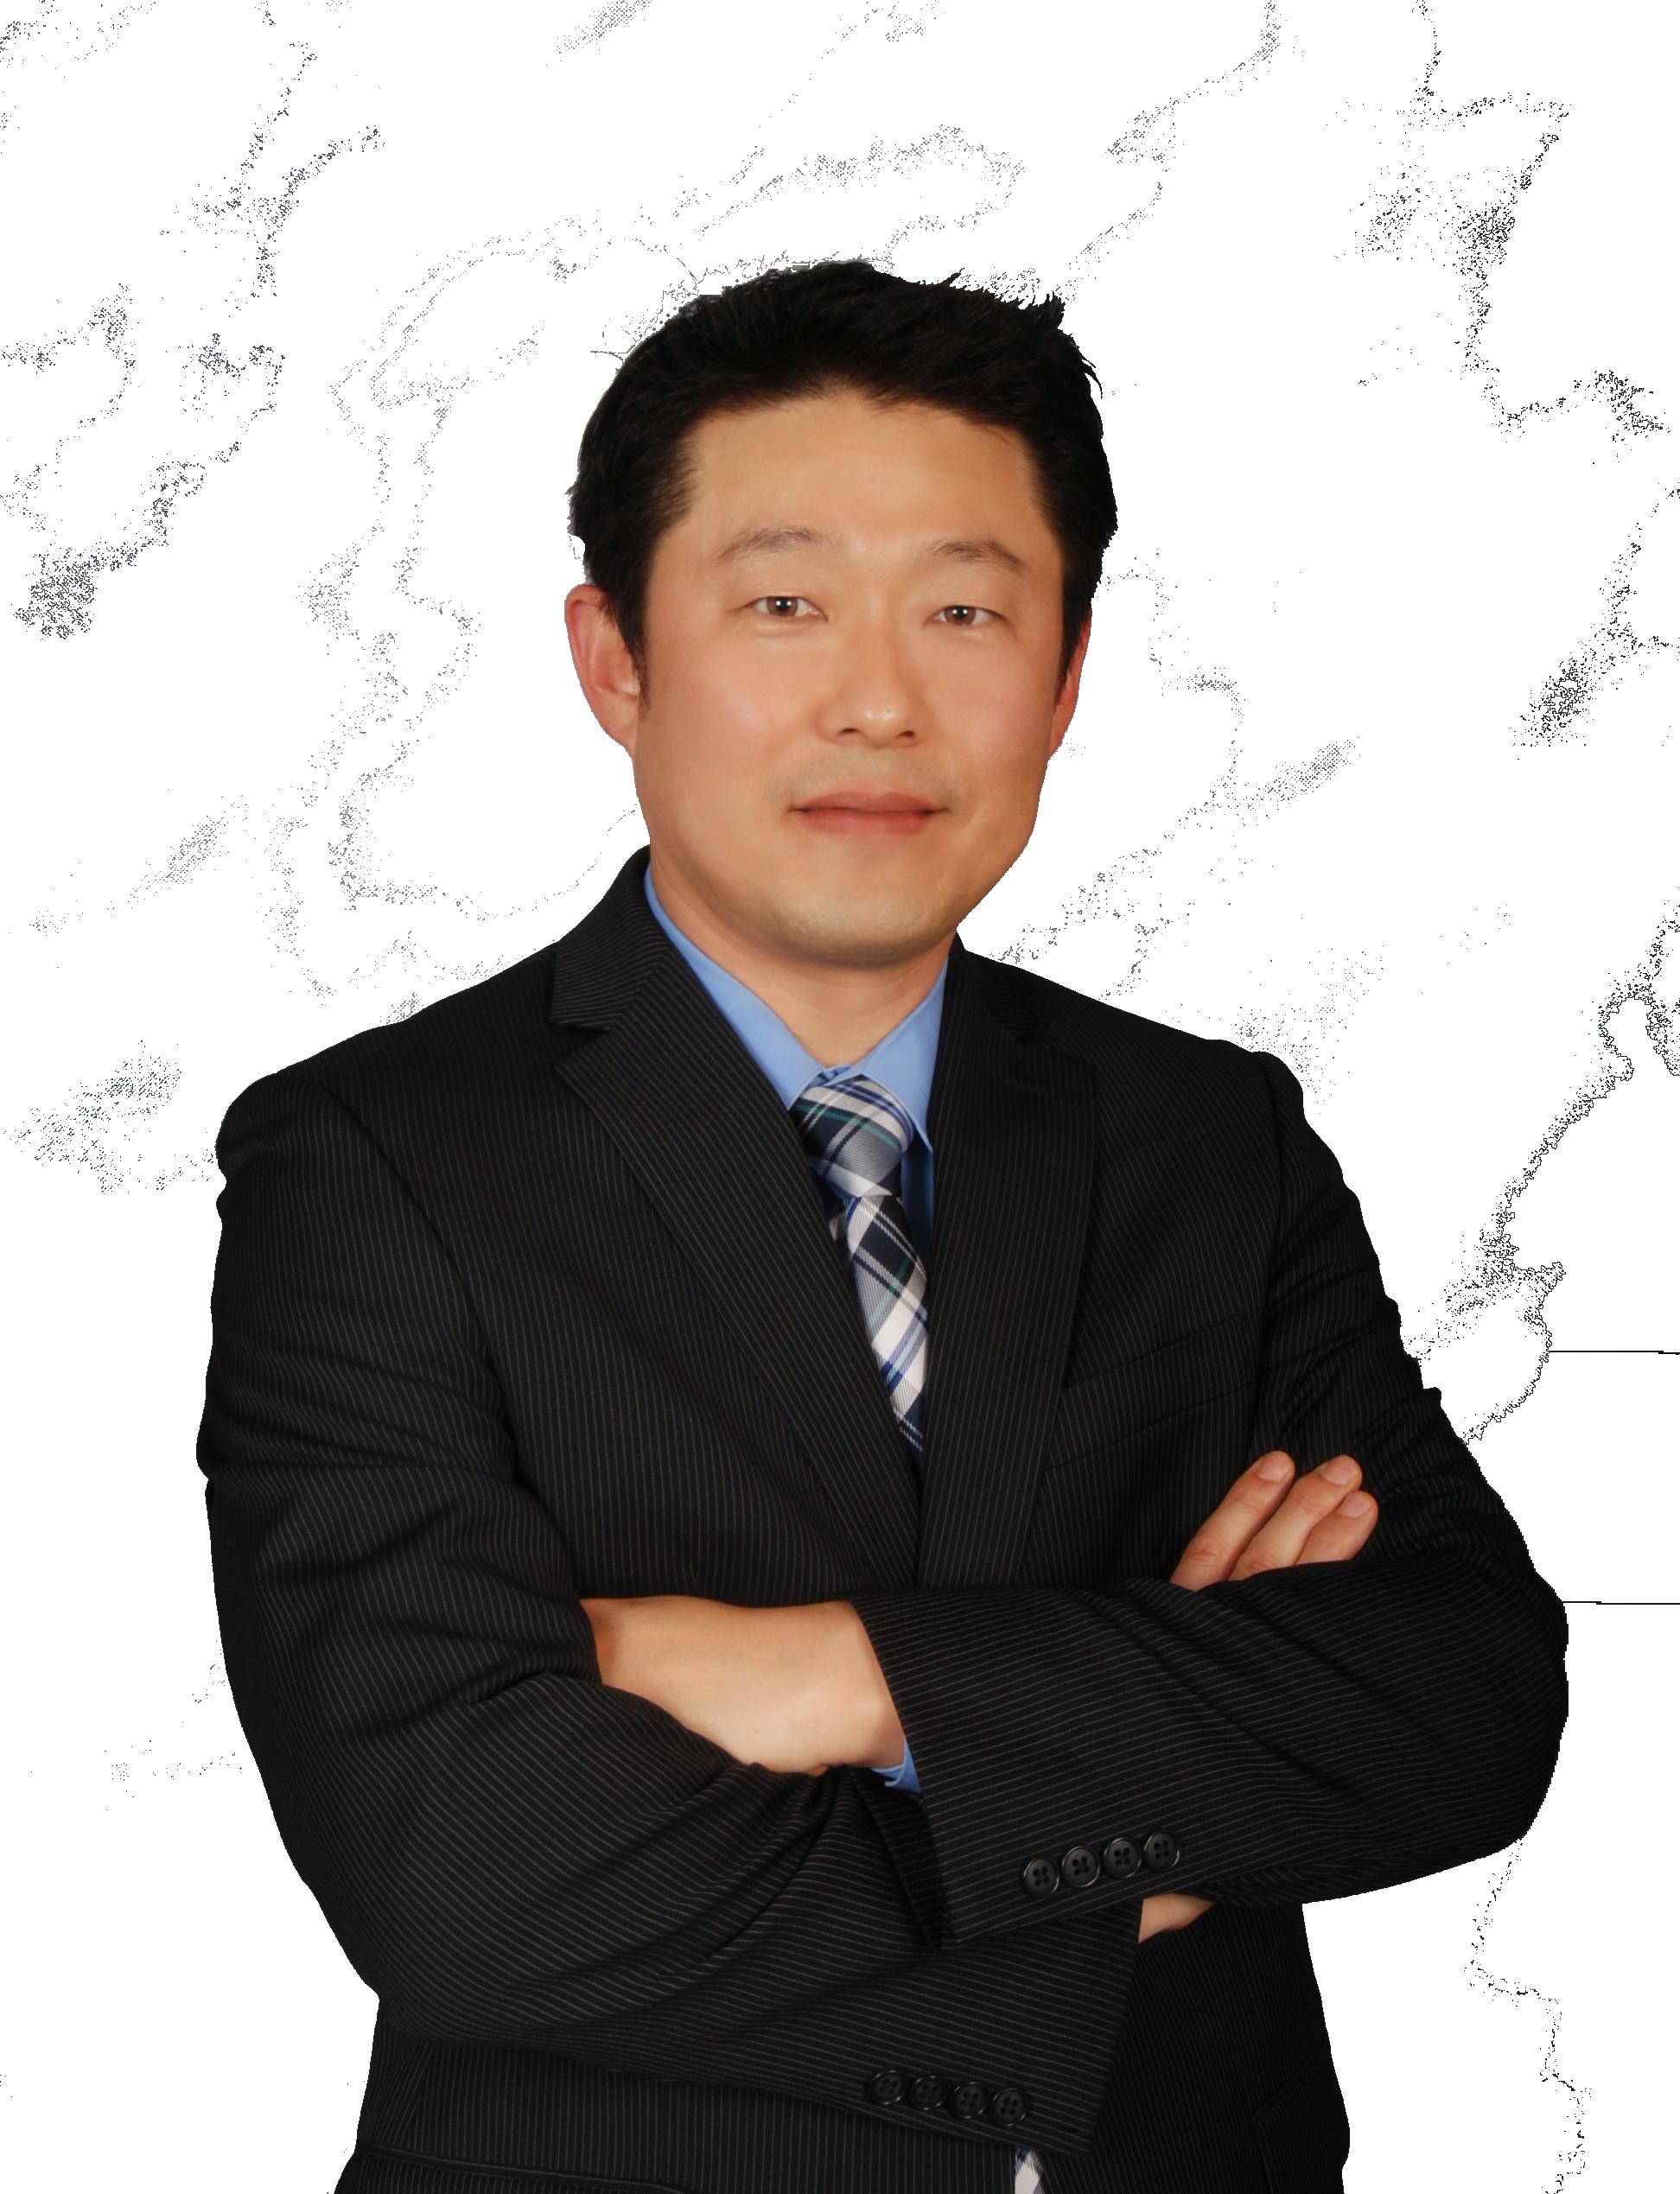 Kevin Shin